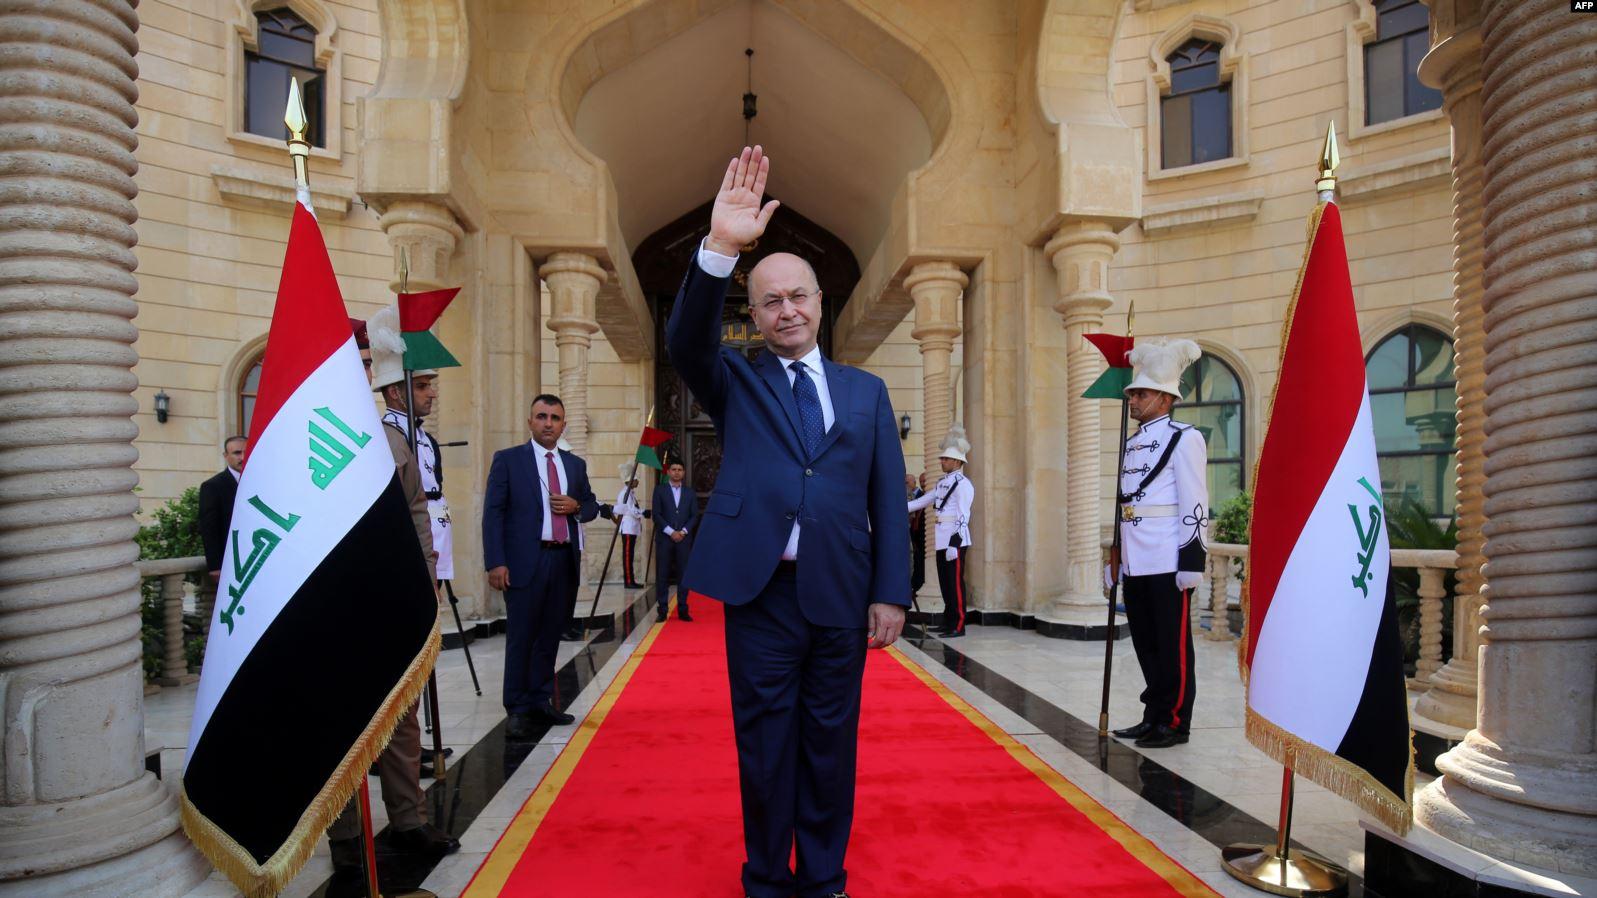 الرئيس العراقي يدعم موعد الانتخابات المبكرة ويثبت متطلبات